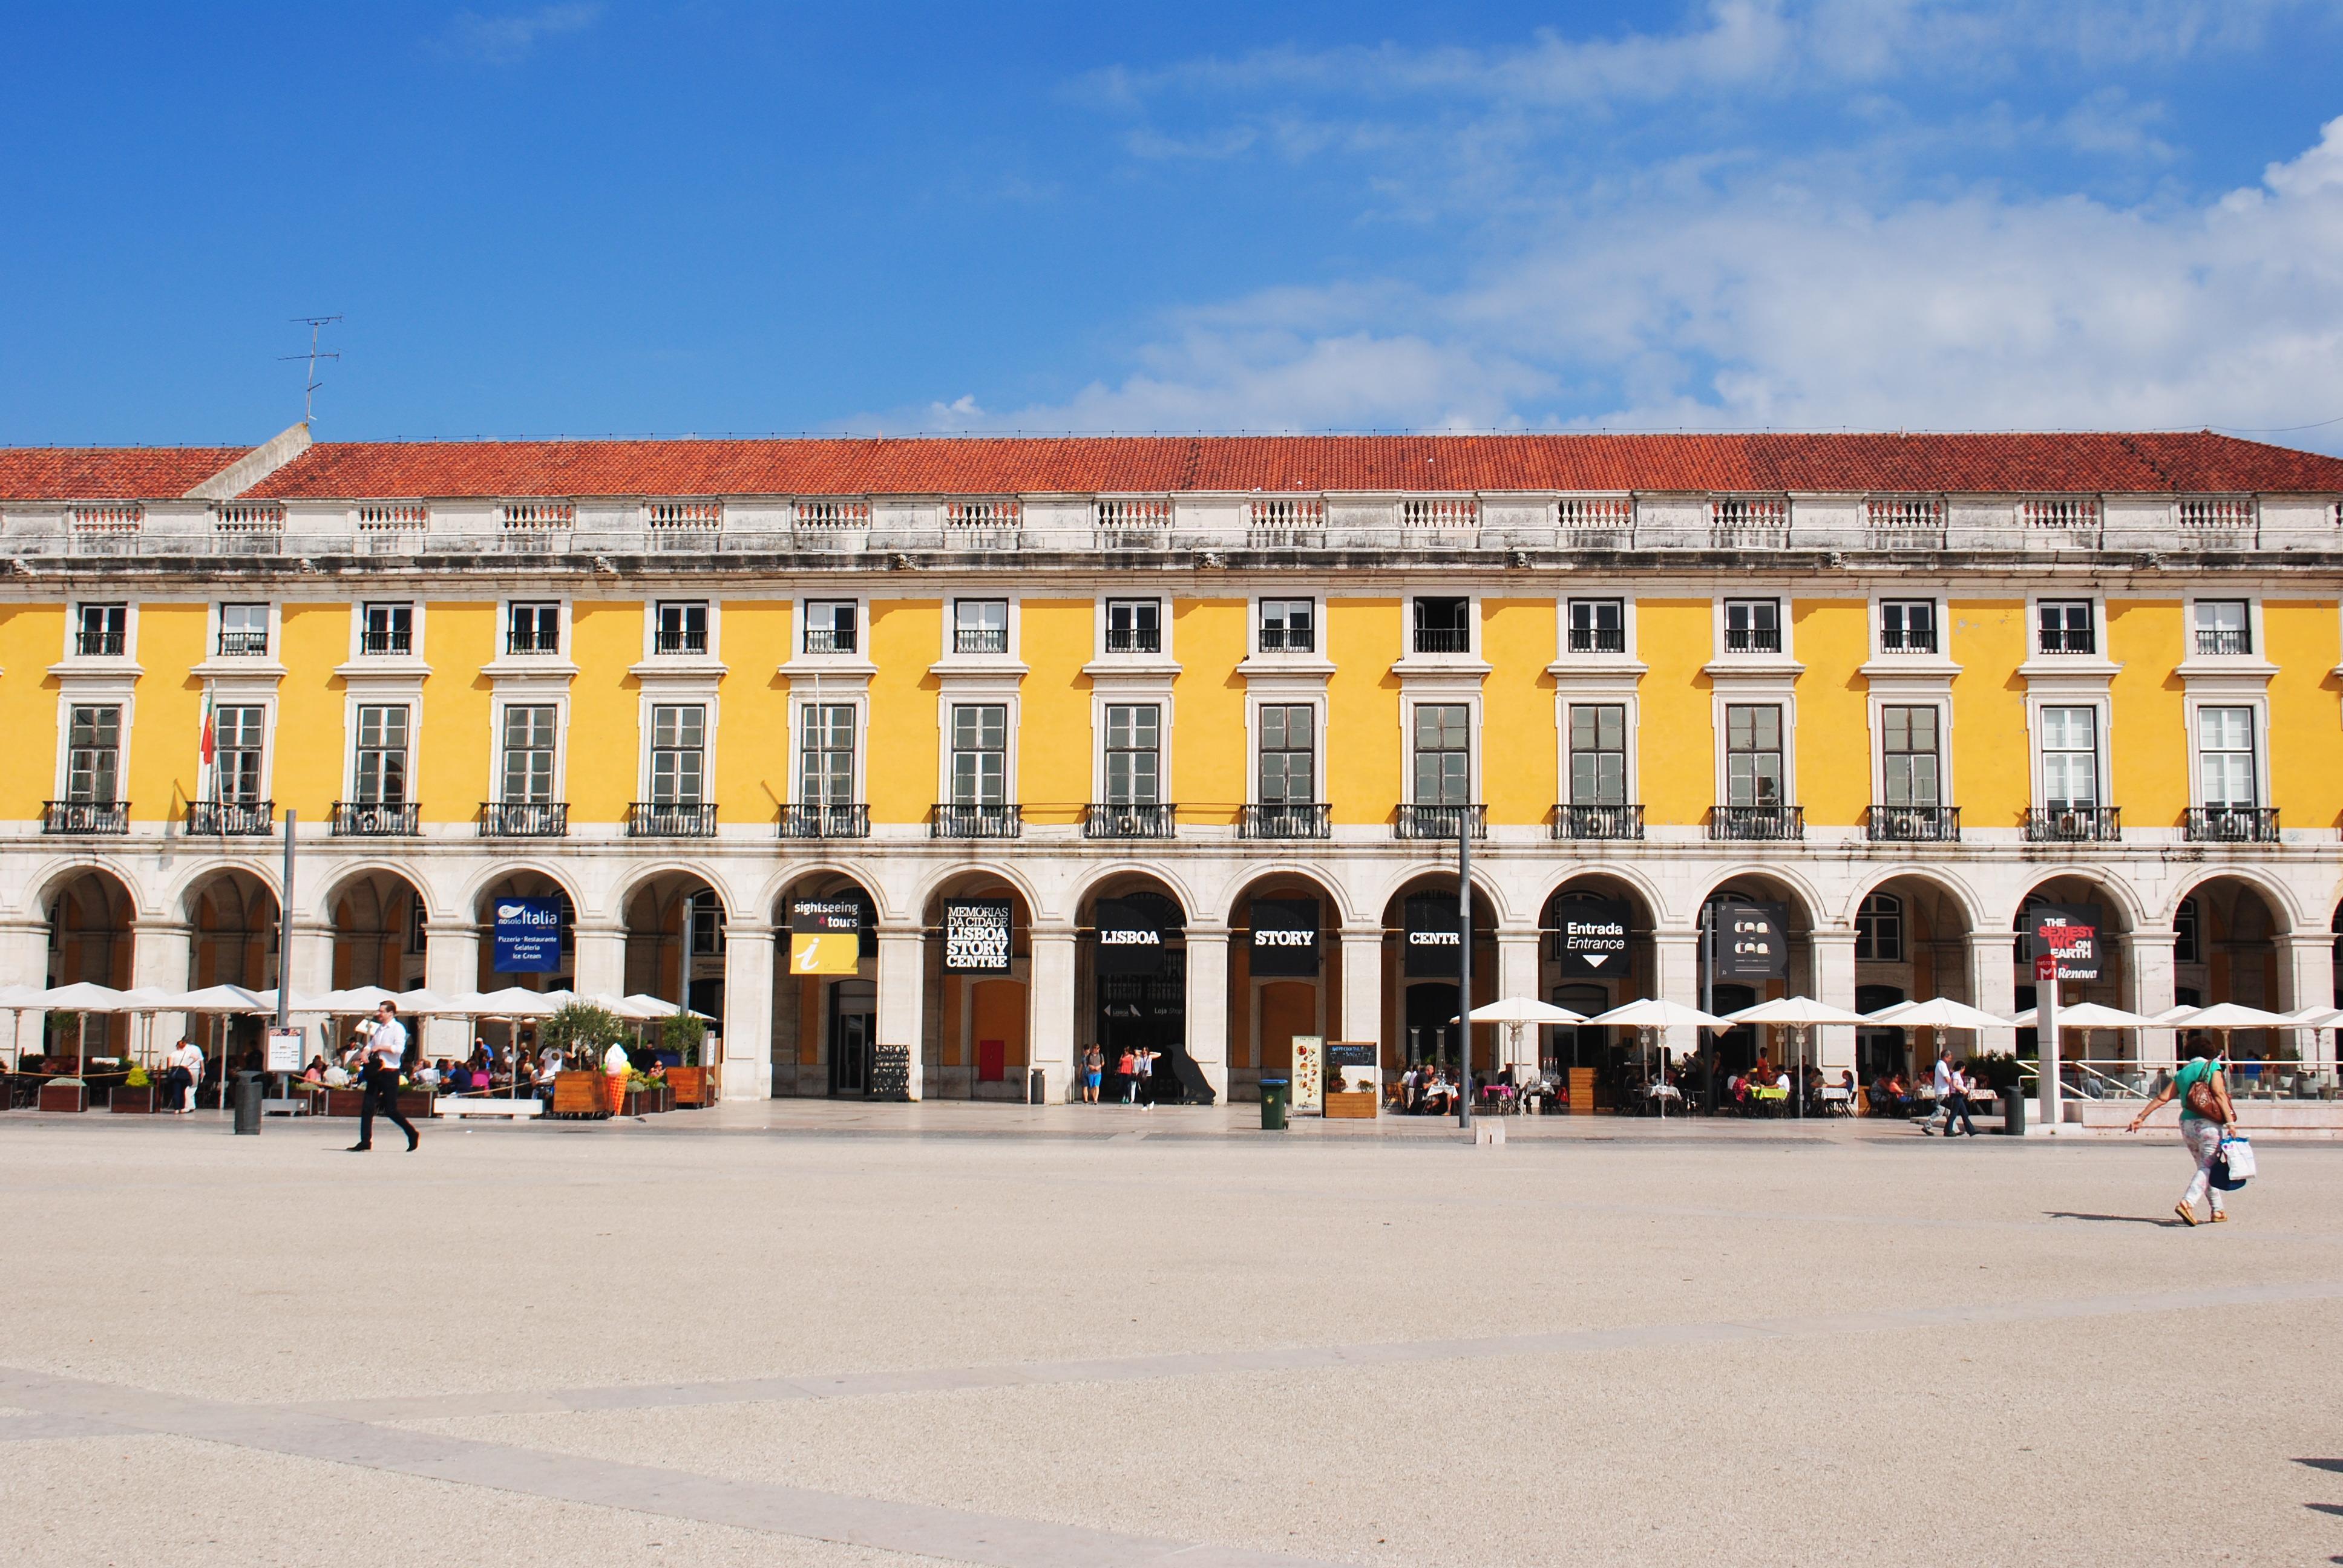 PORTUGALIA - LATO 2018: Fenicius Charme Hotel***, 5 dni (25-29.05.2018 r.), śniadania: 1849,00 PLN/osoba